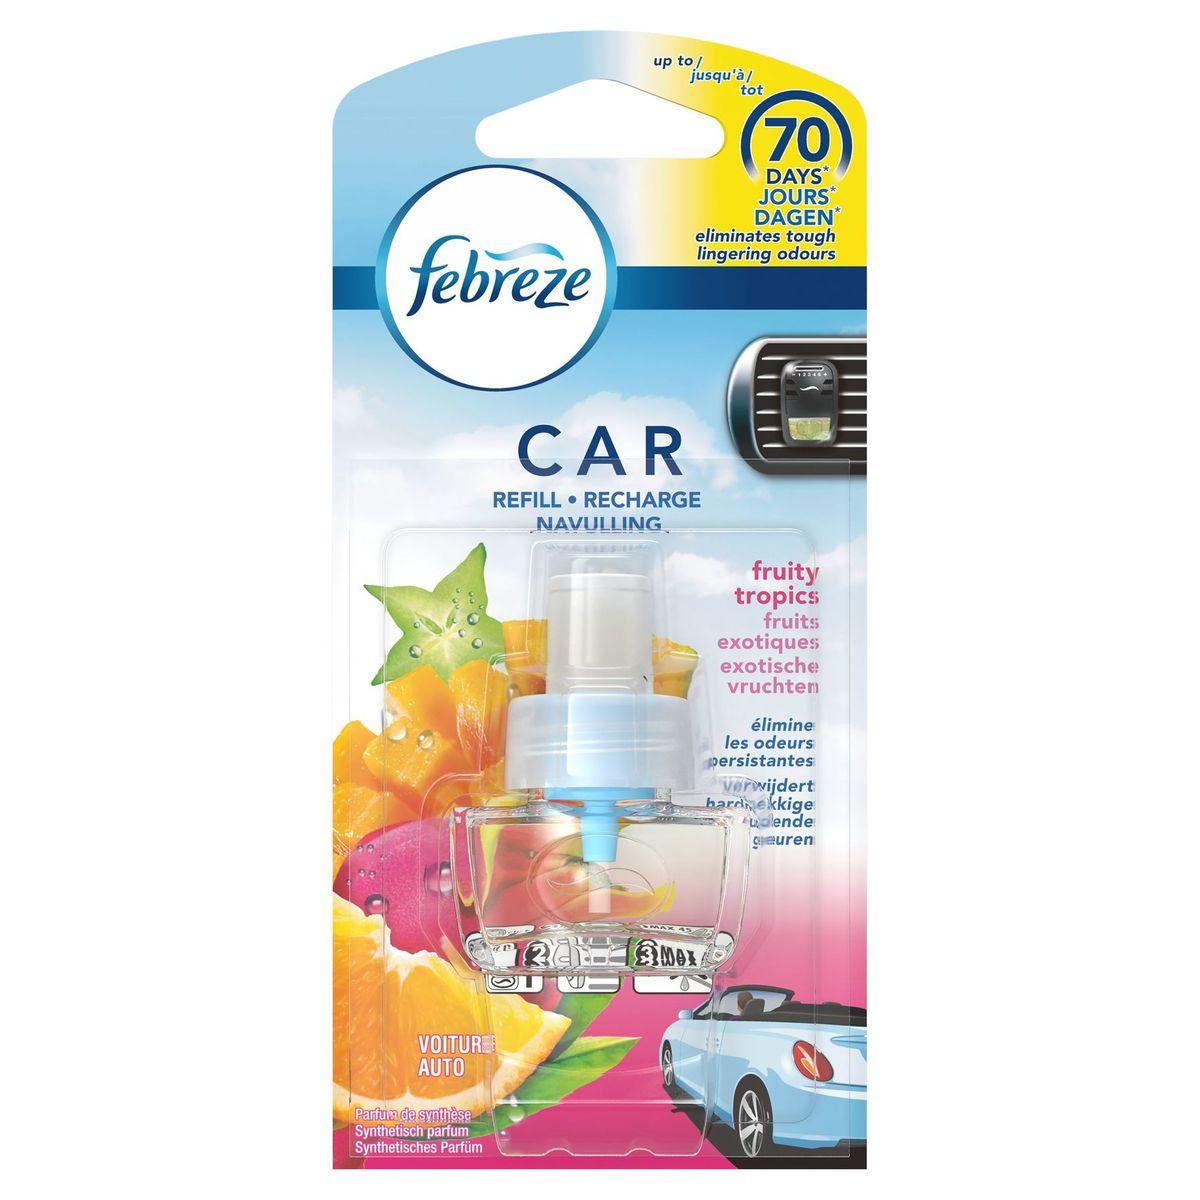 Febreze Auto Exotische Vruchten Luchtverfrisser Navulling 7 ml